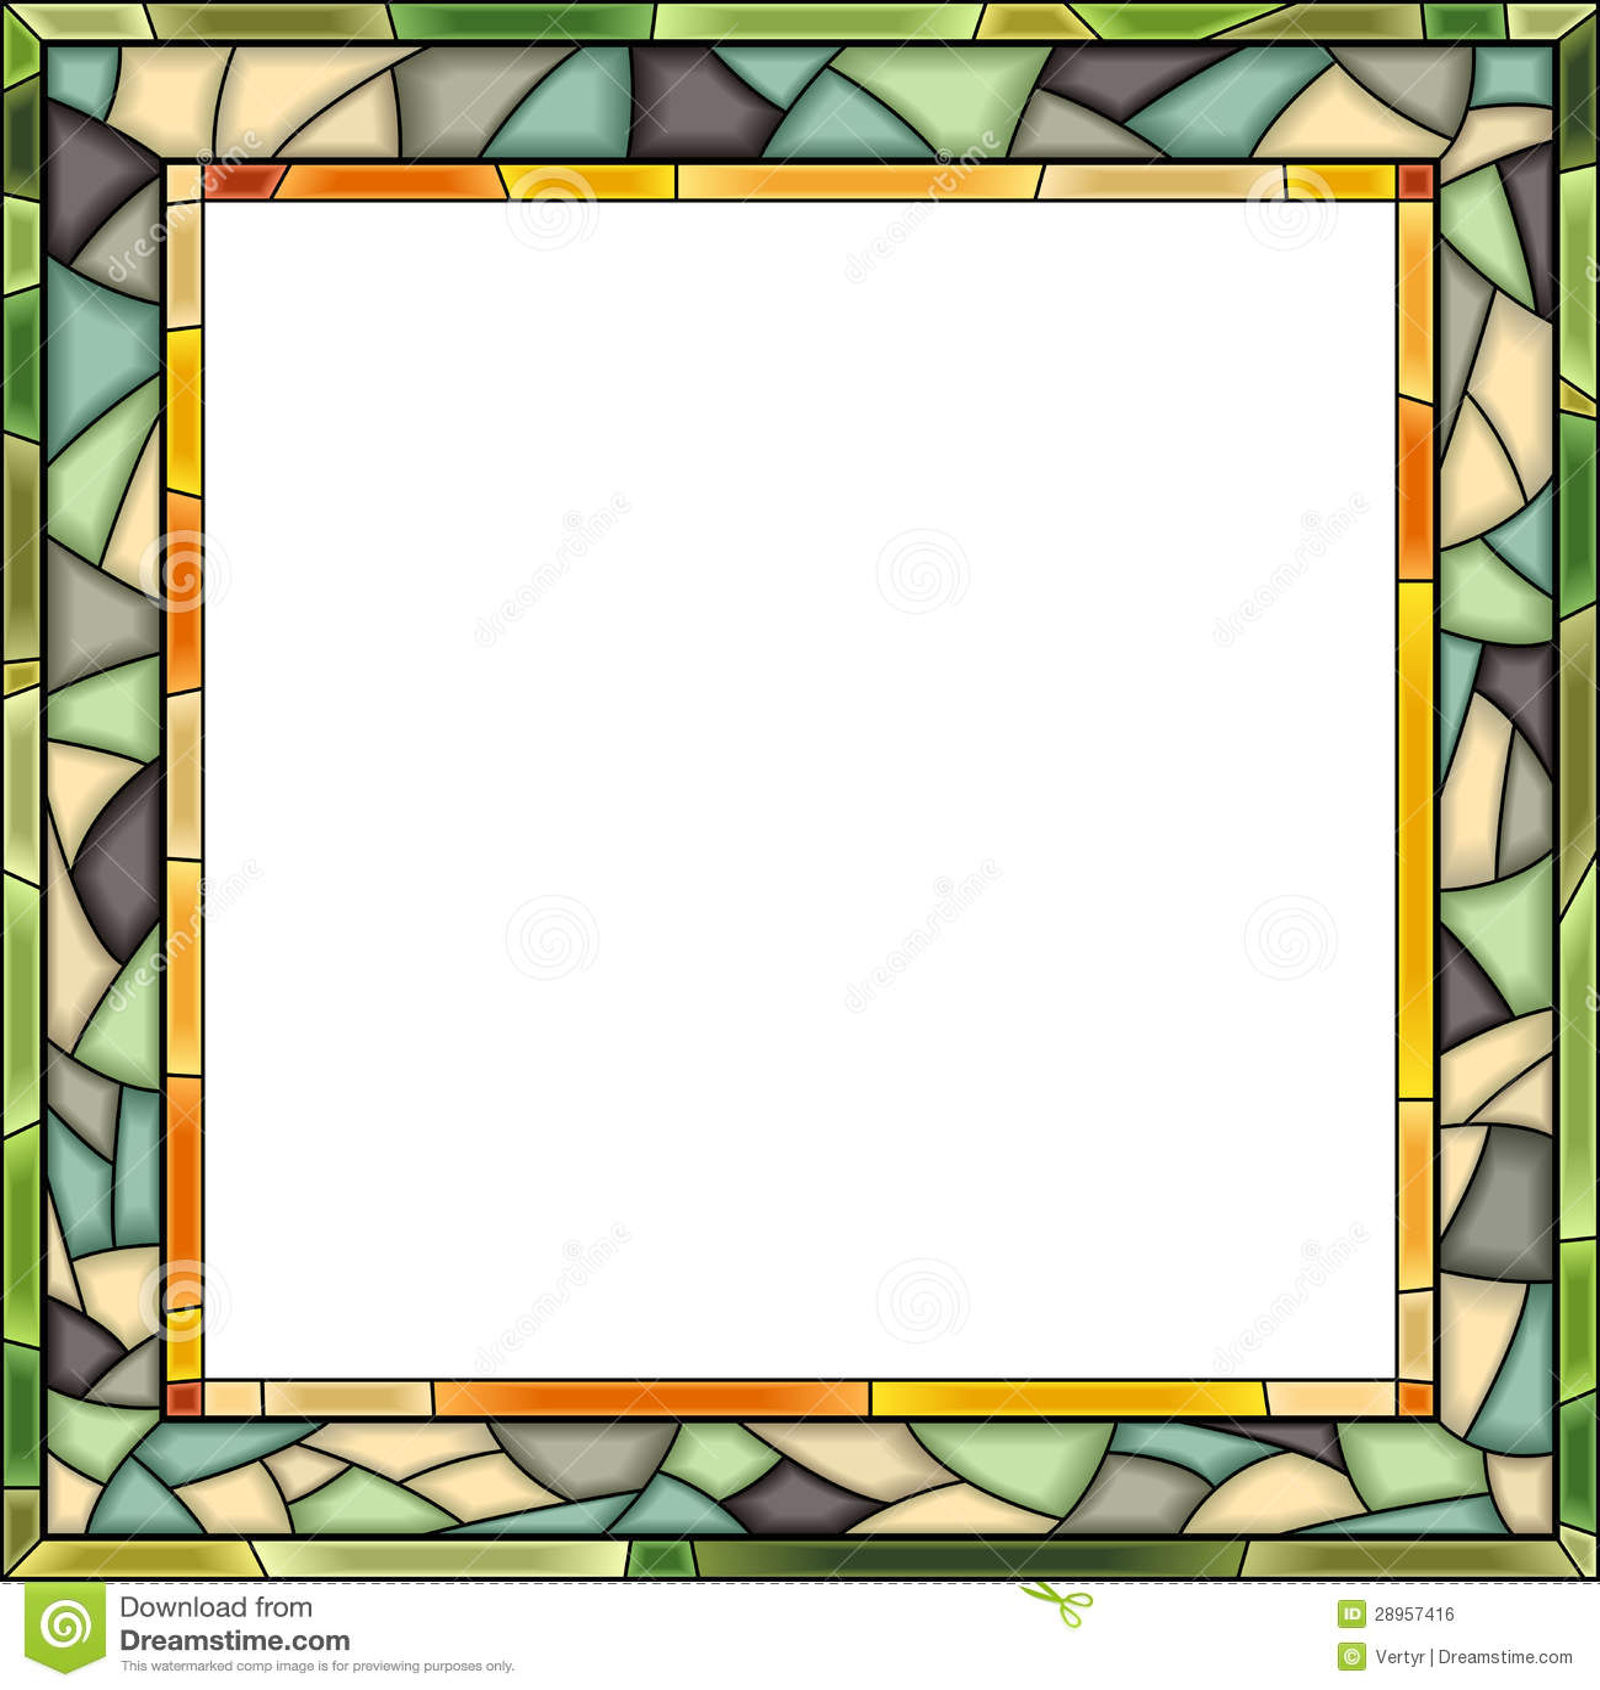 Wektorowego szkła nadokienna rama dla fotografii.